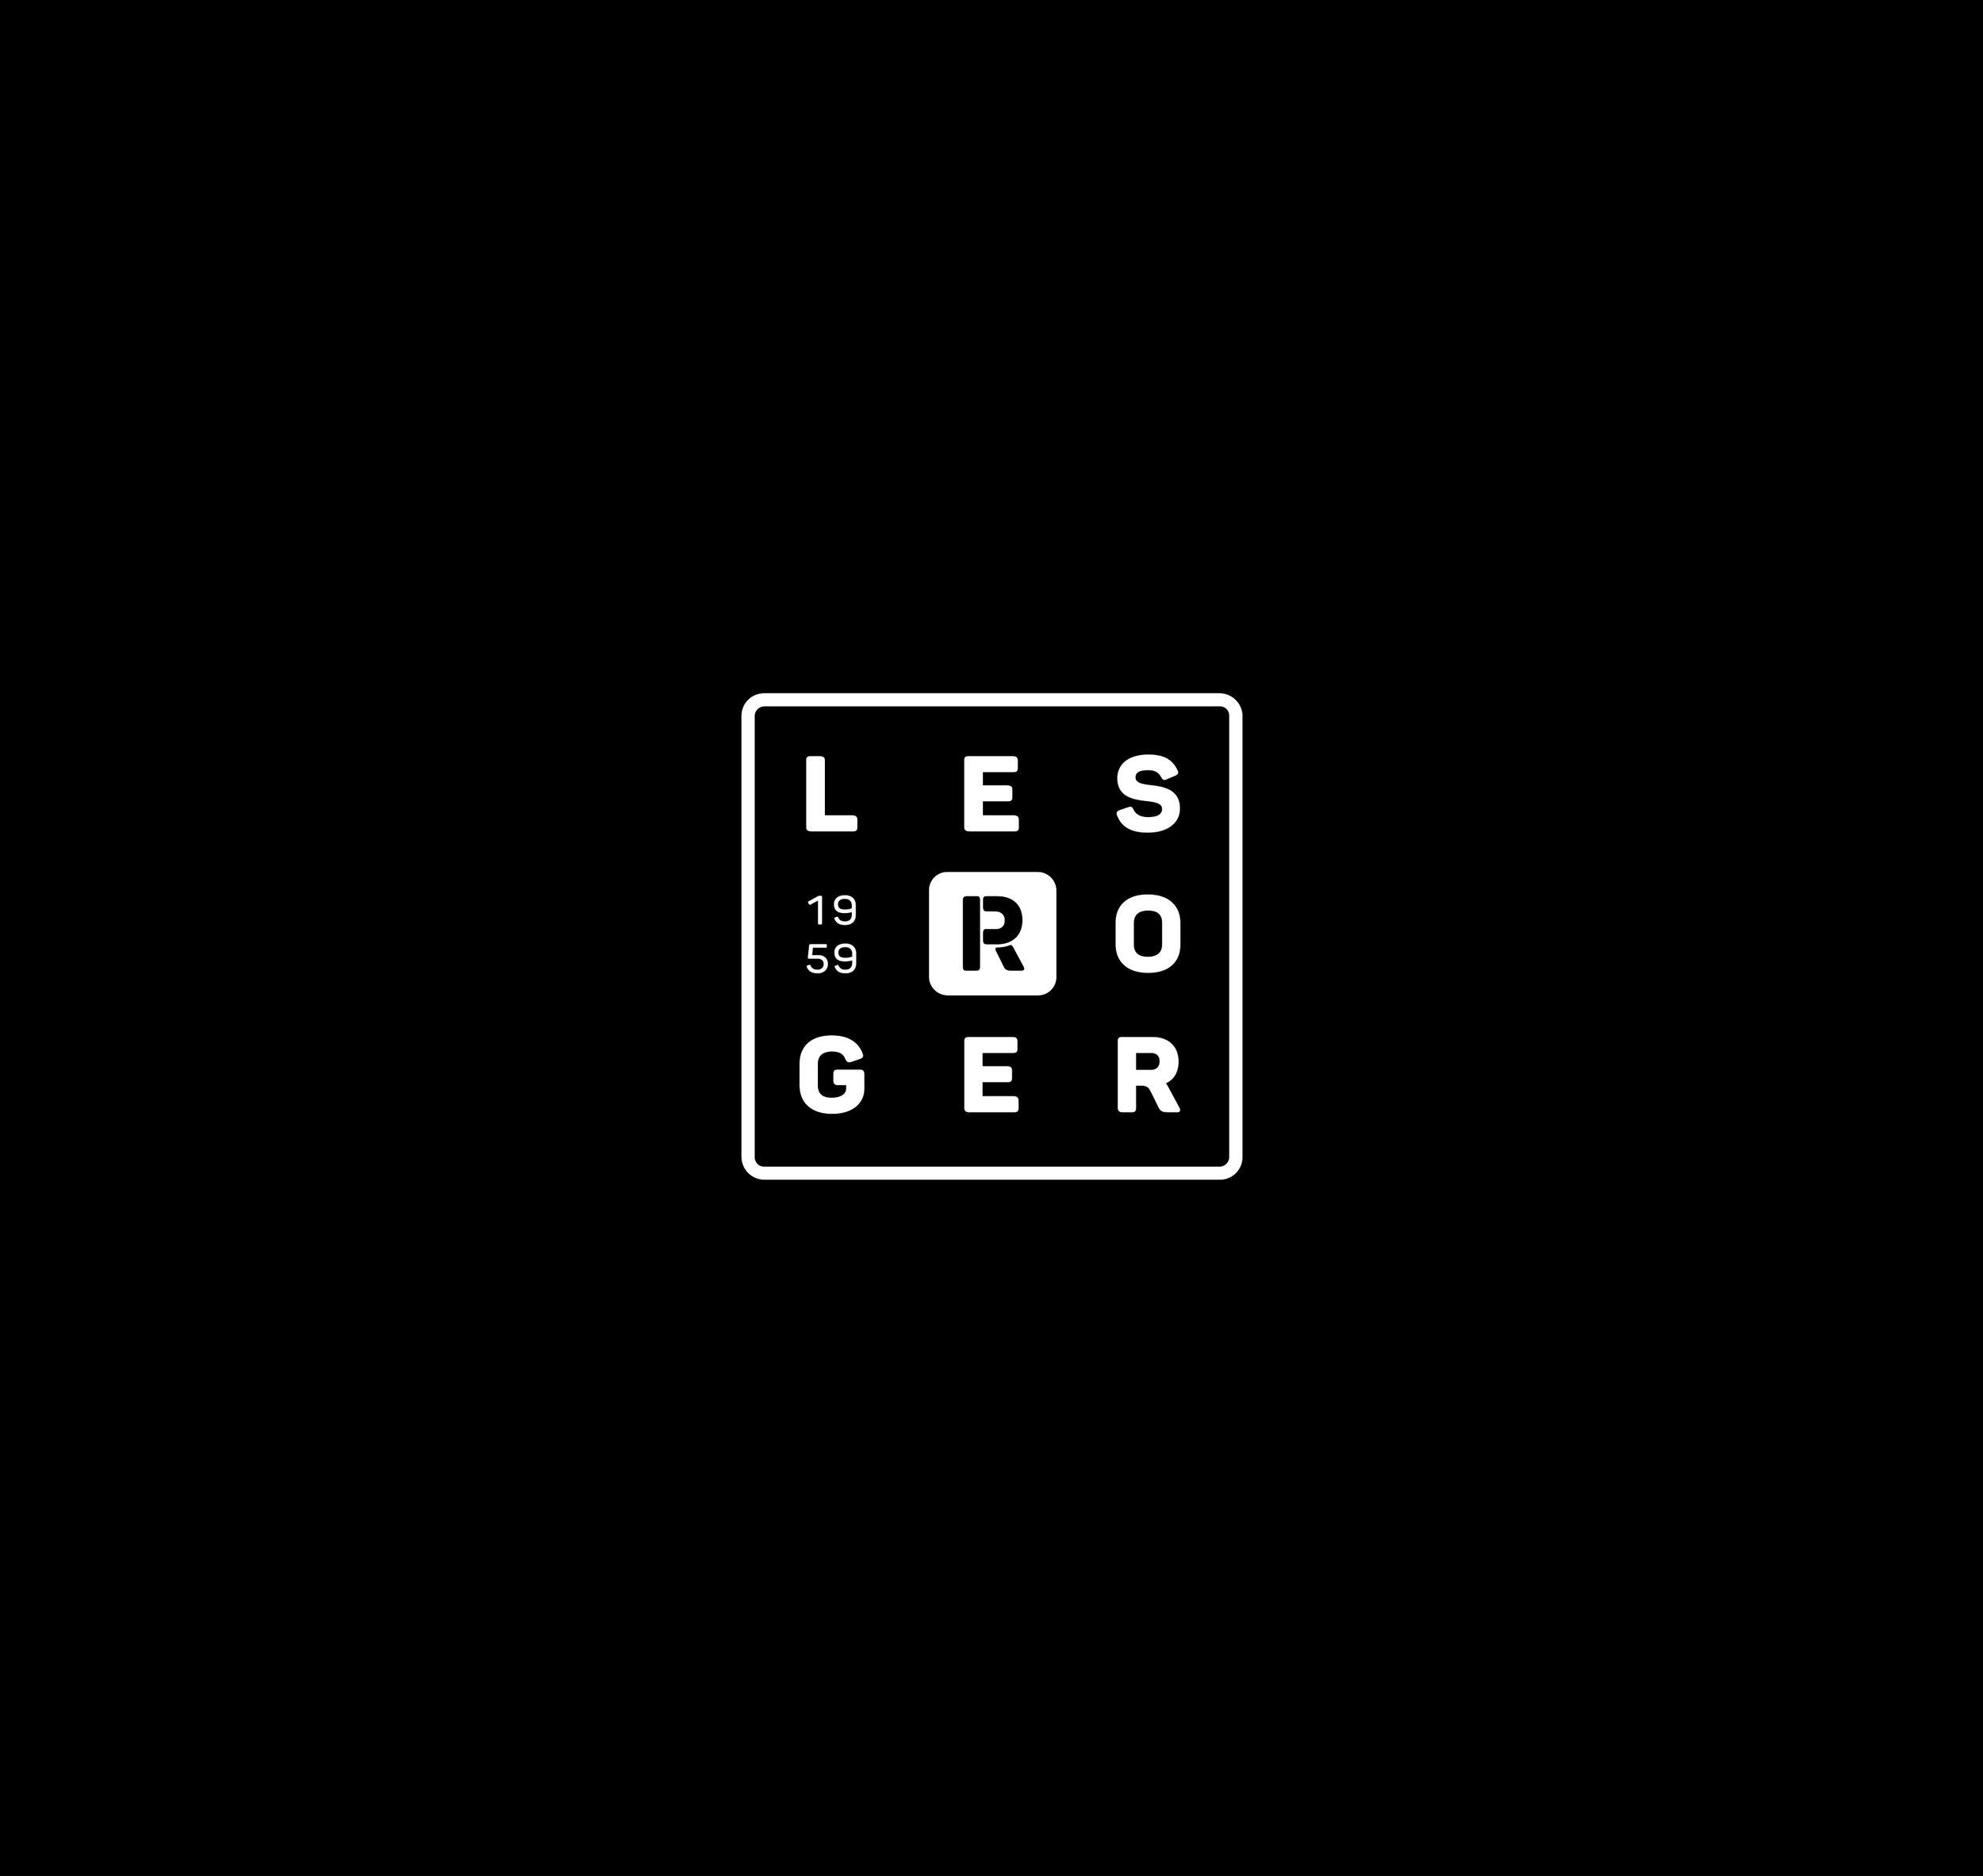 Nouveau tag, logo final pour la fruiterie  Les Roger.